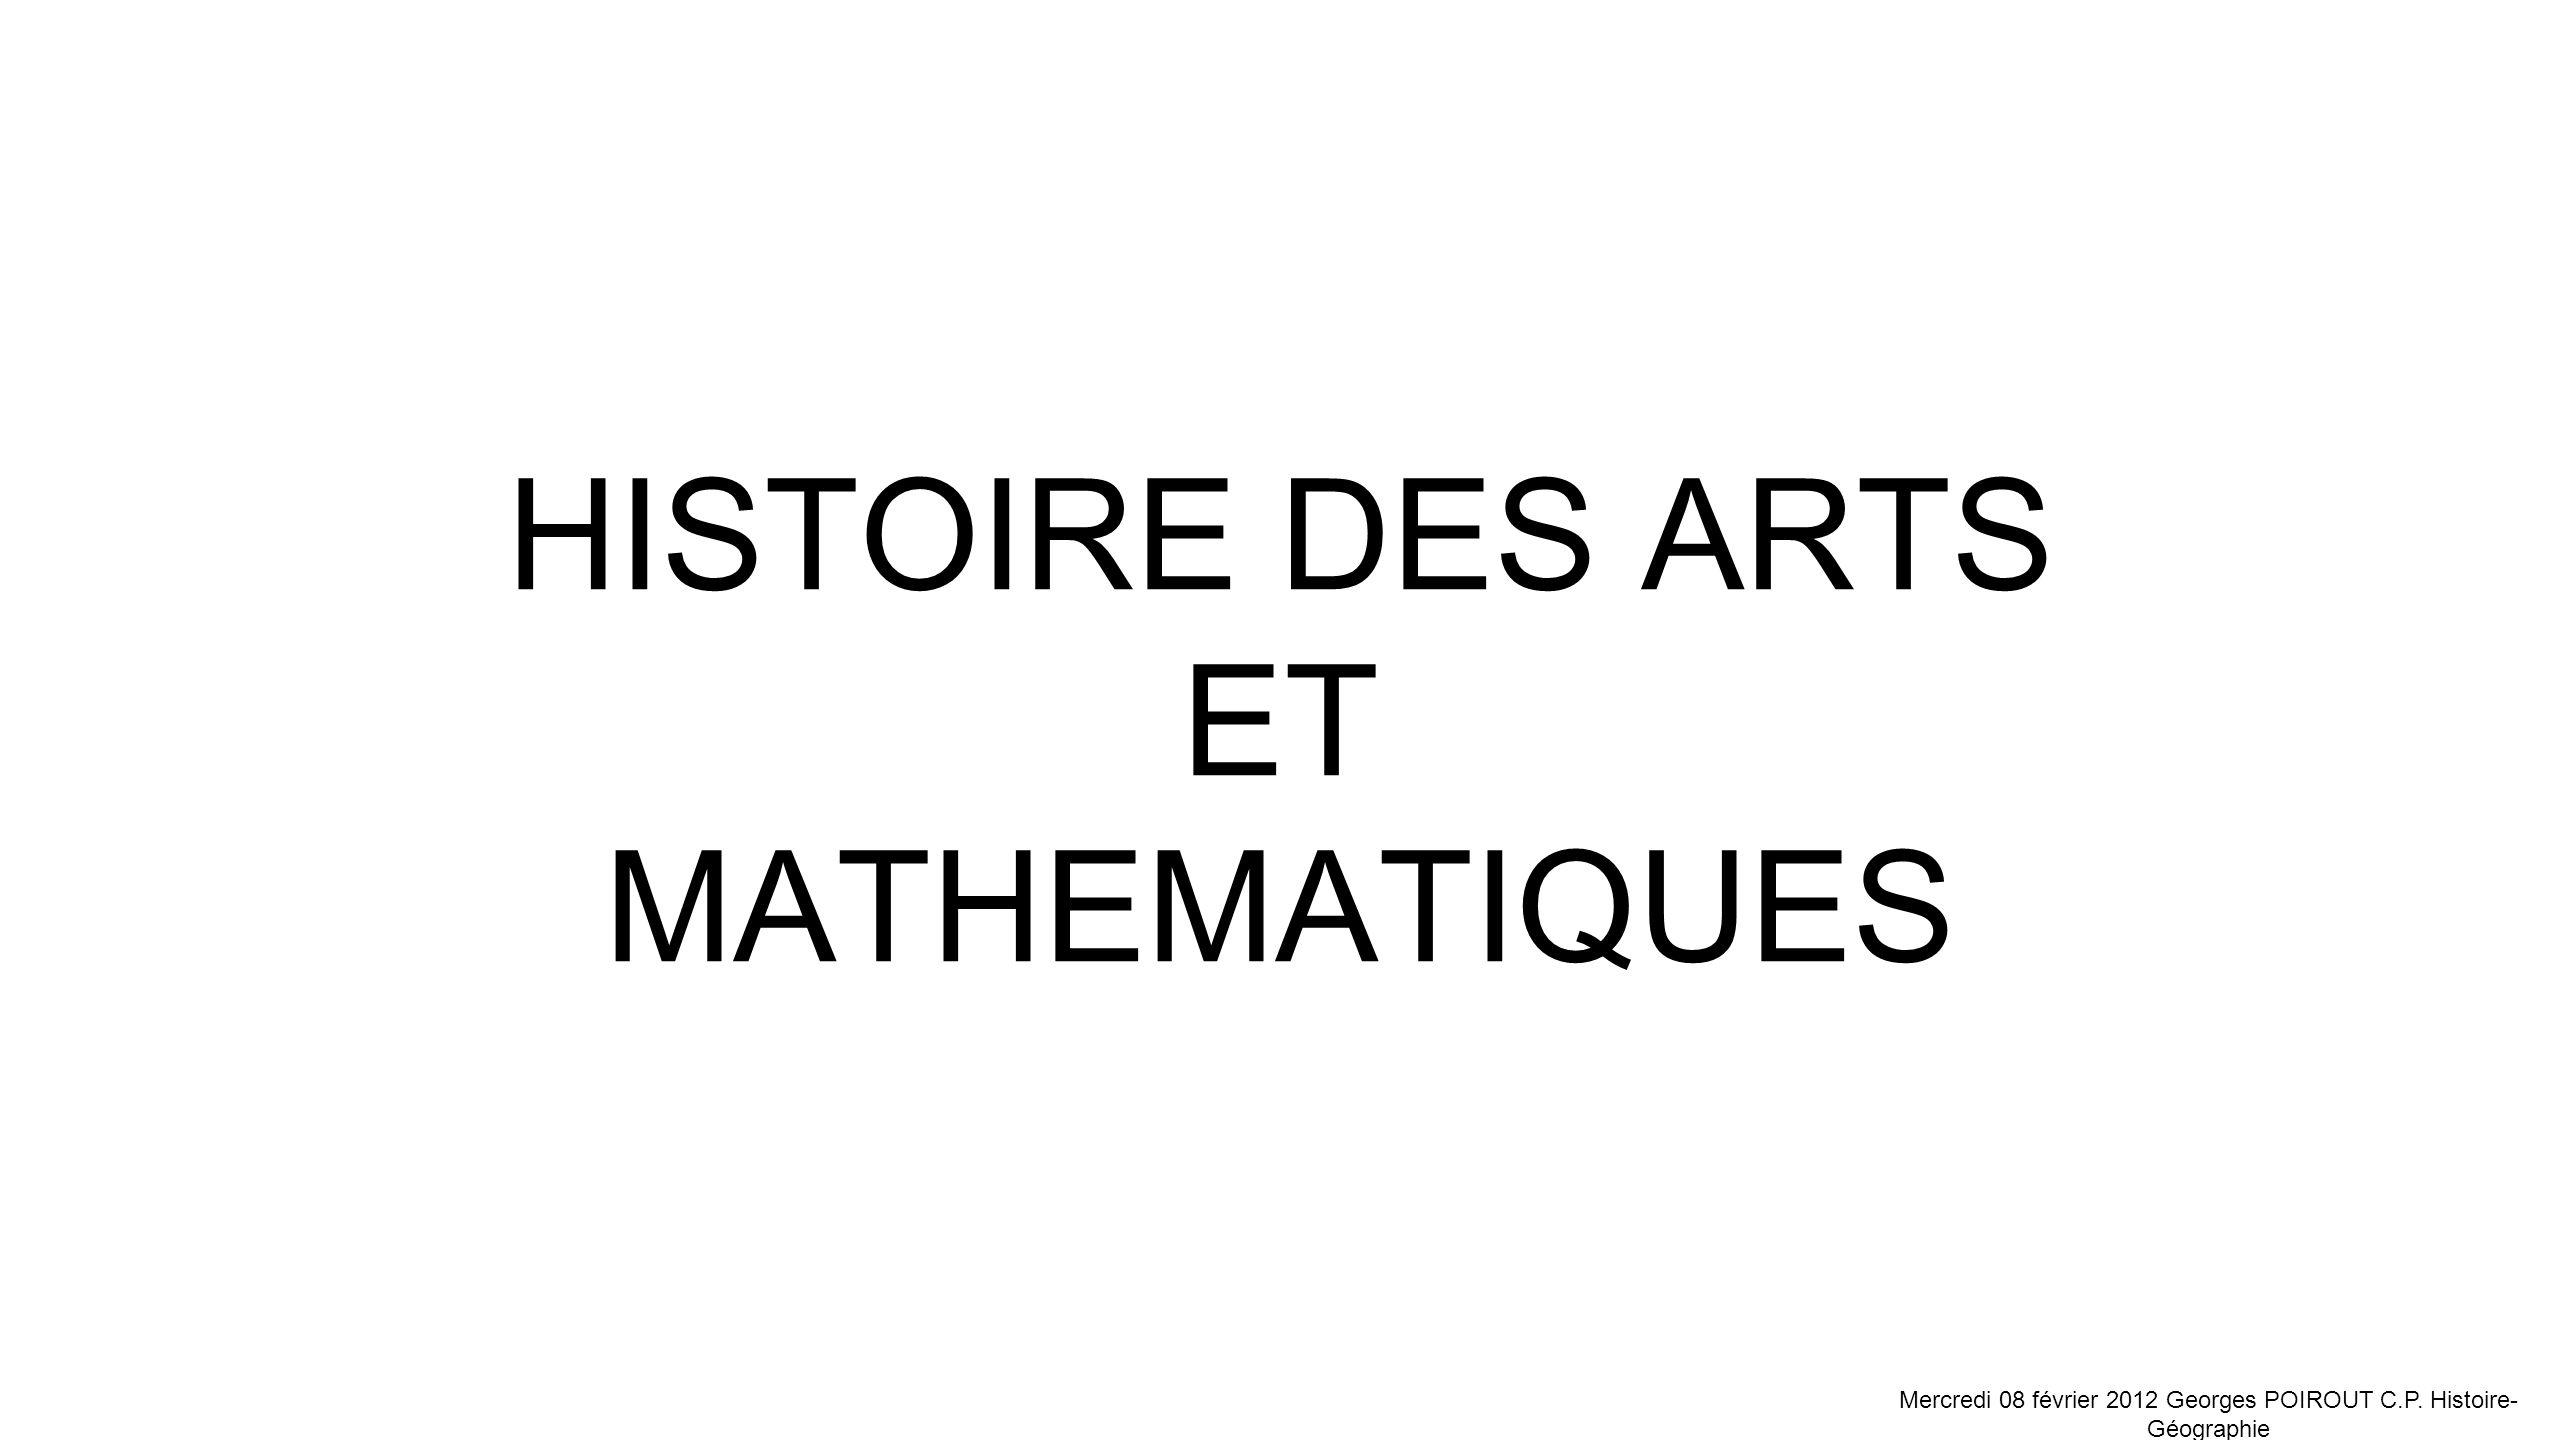 RAPPEL DU CADRE INSTITUTIONNEL - Un enseignement qui concerne toutes les disciplines autour des enseignements artistiques et de l histoire.